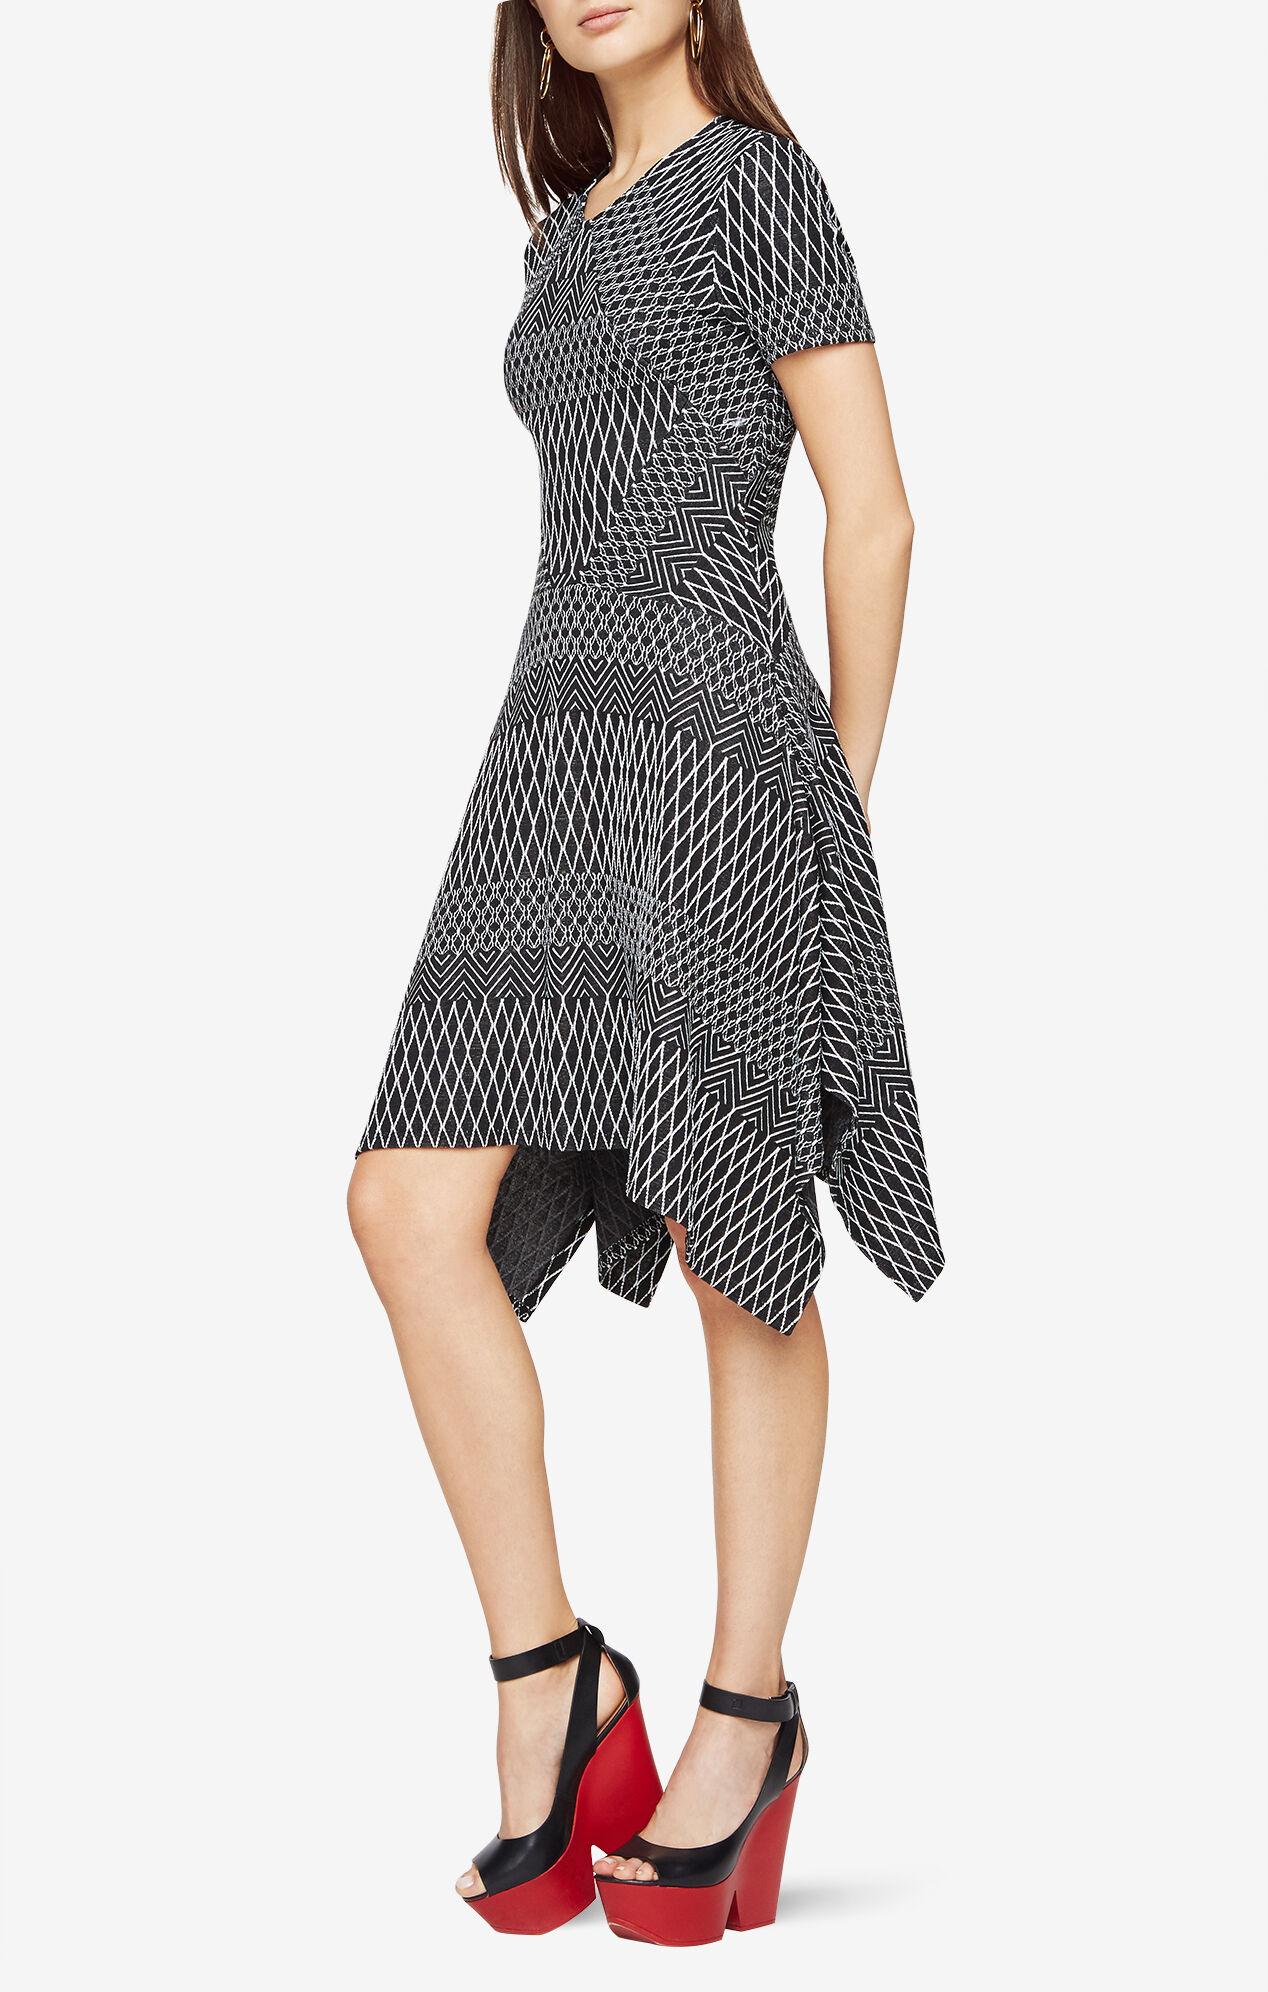 Arsley Deco-Knit Dress